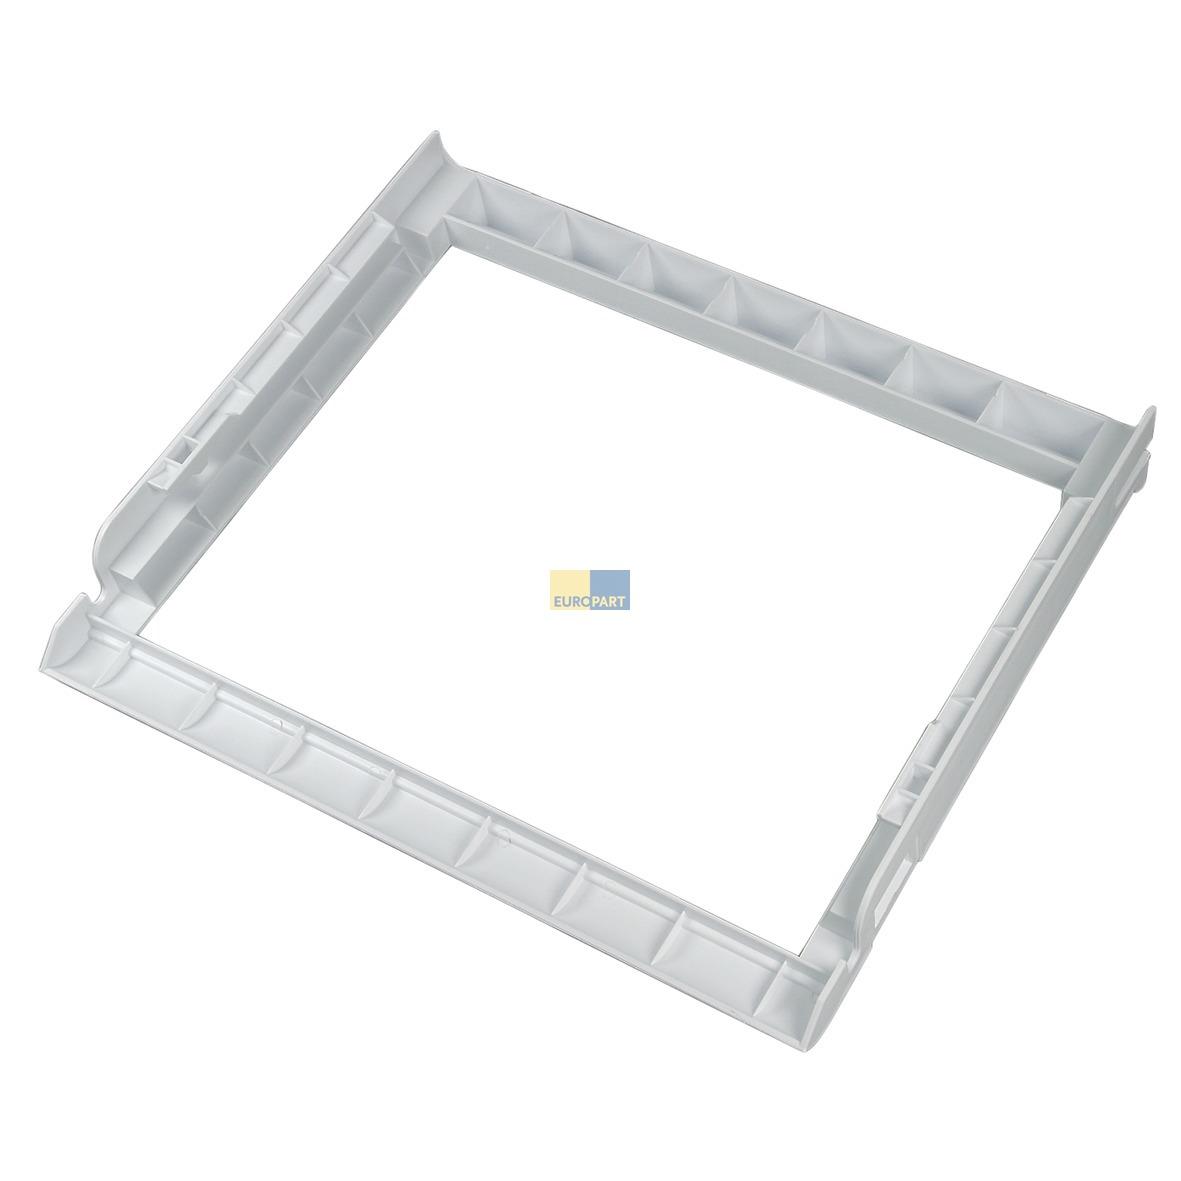 Rahmen Deckel für Schublade unten - ABEA Hausgeräte Ersatzteile Shop